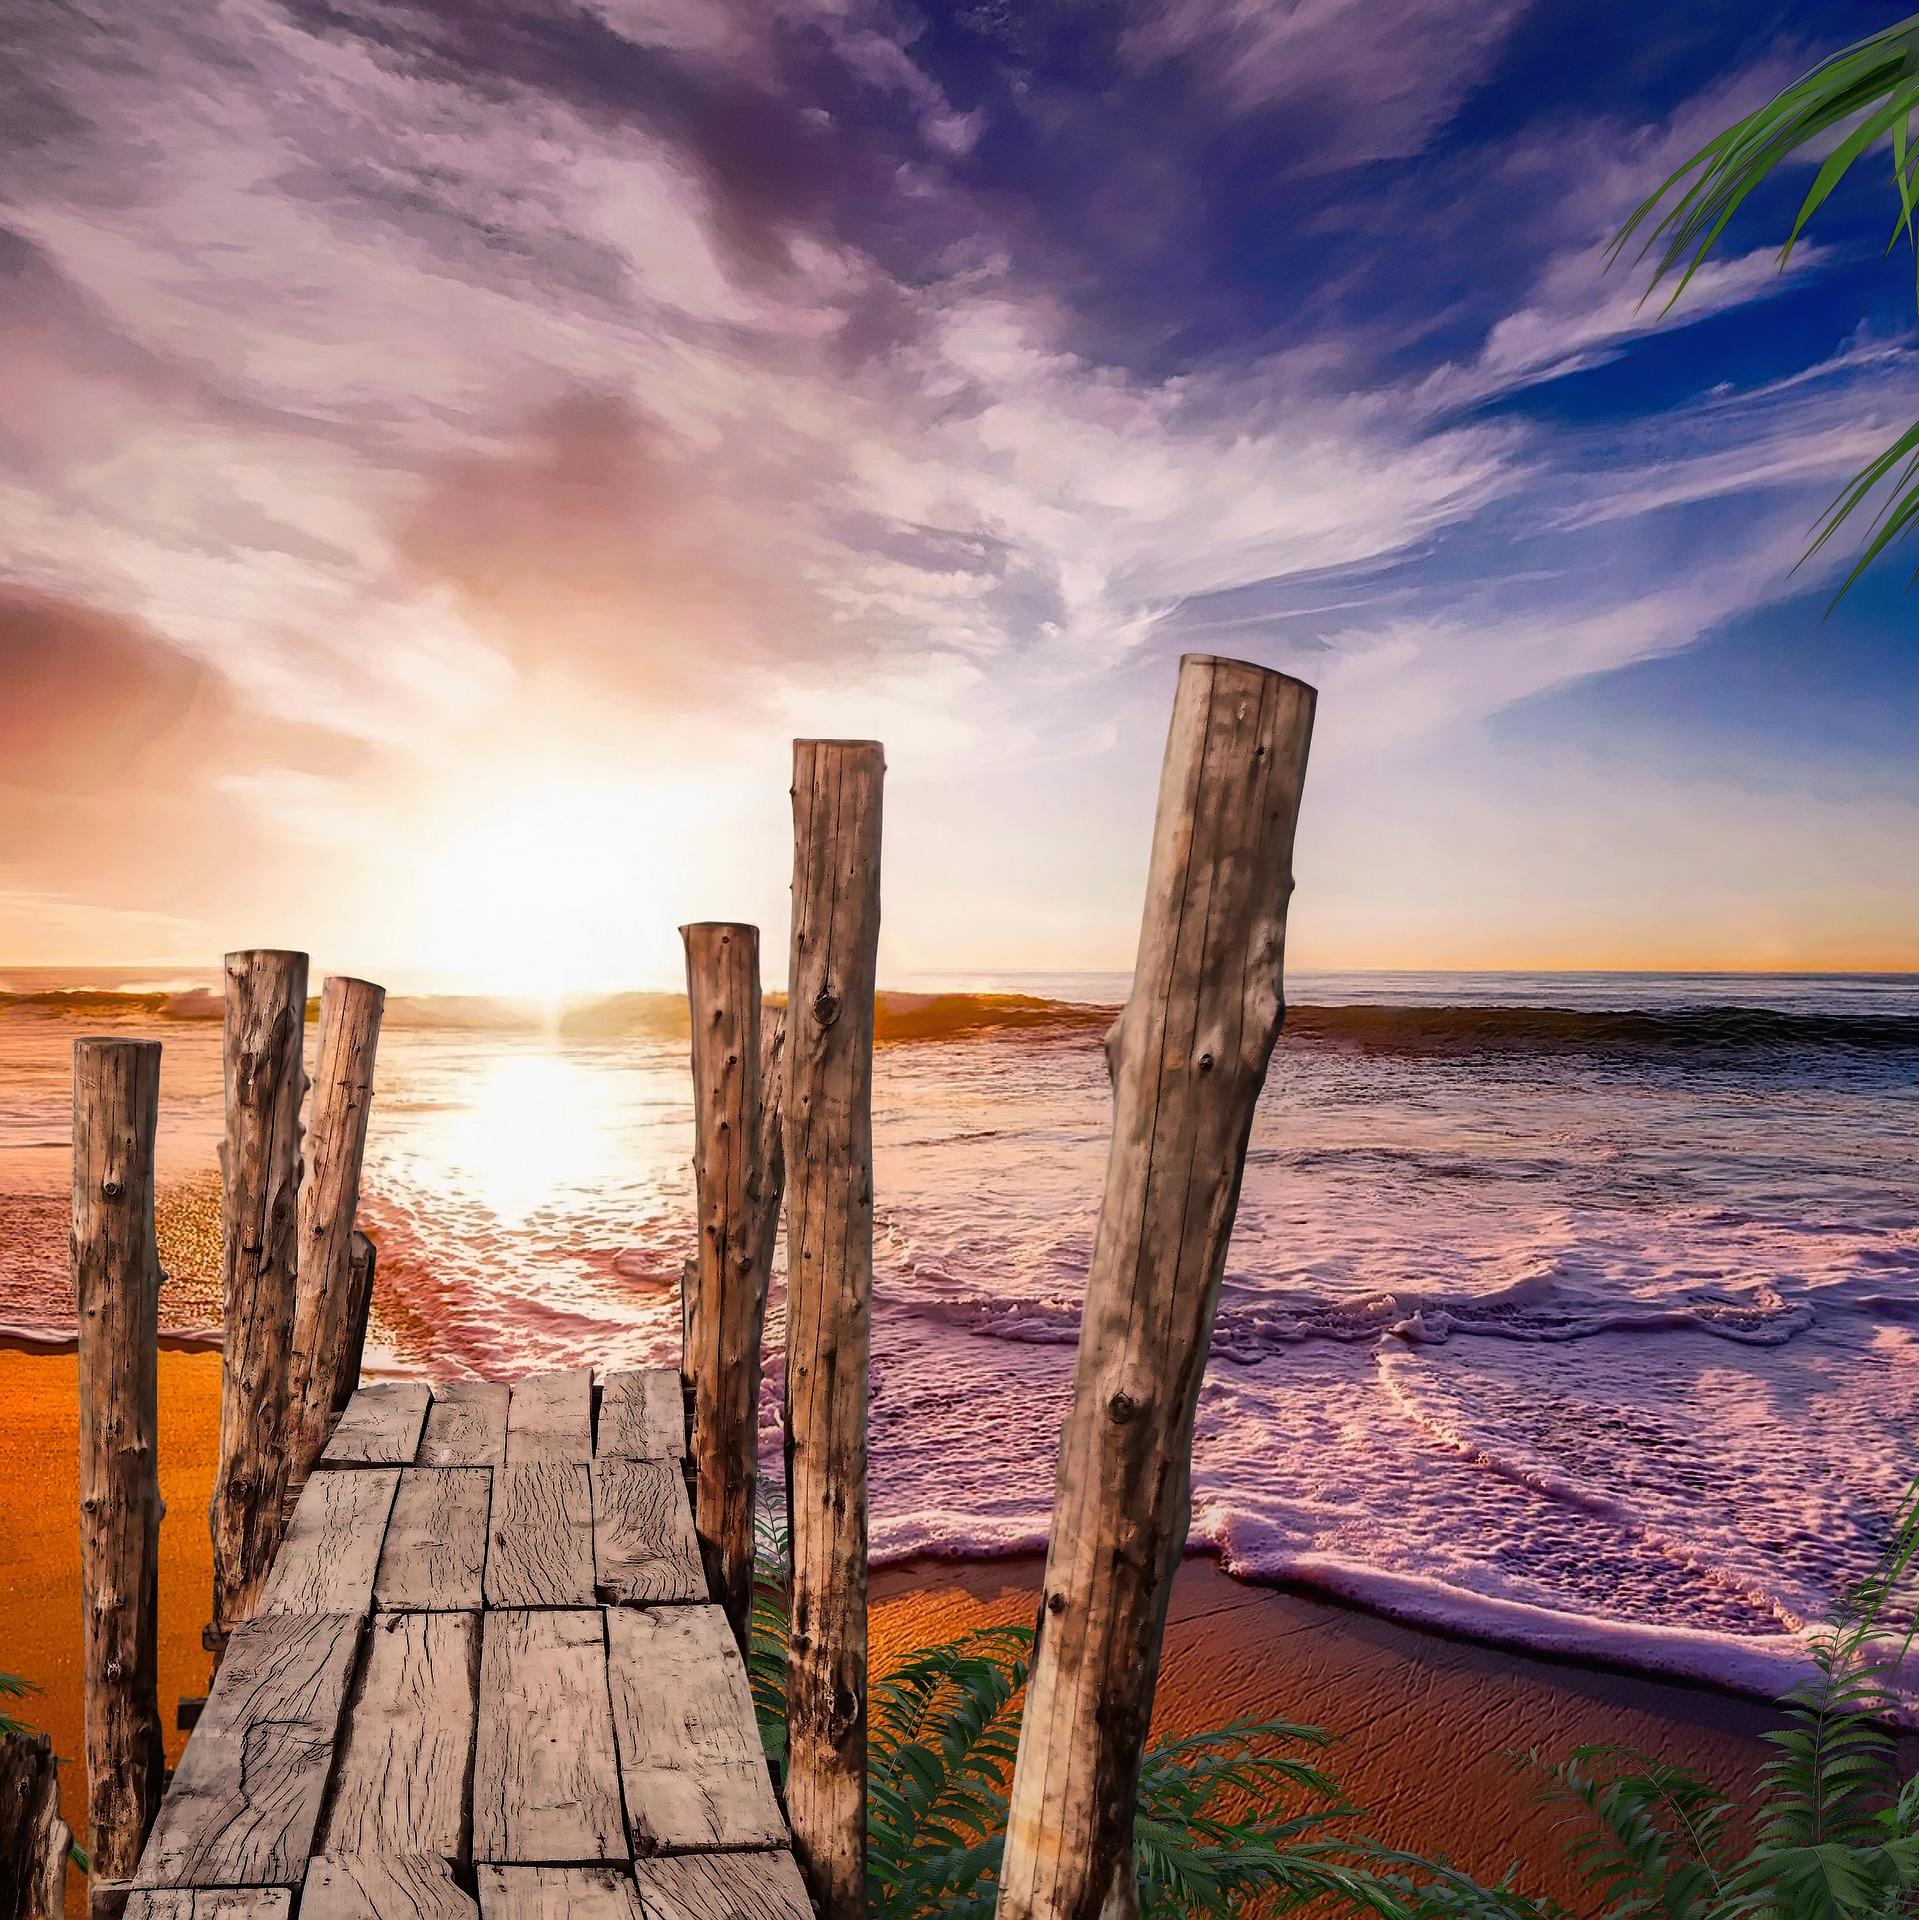 beach-6279749_1920